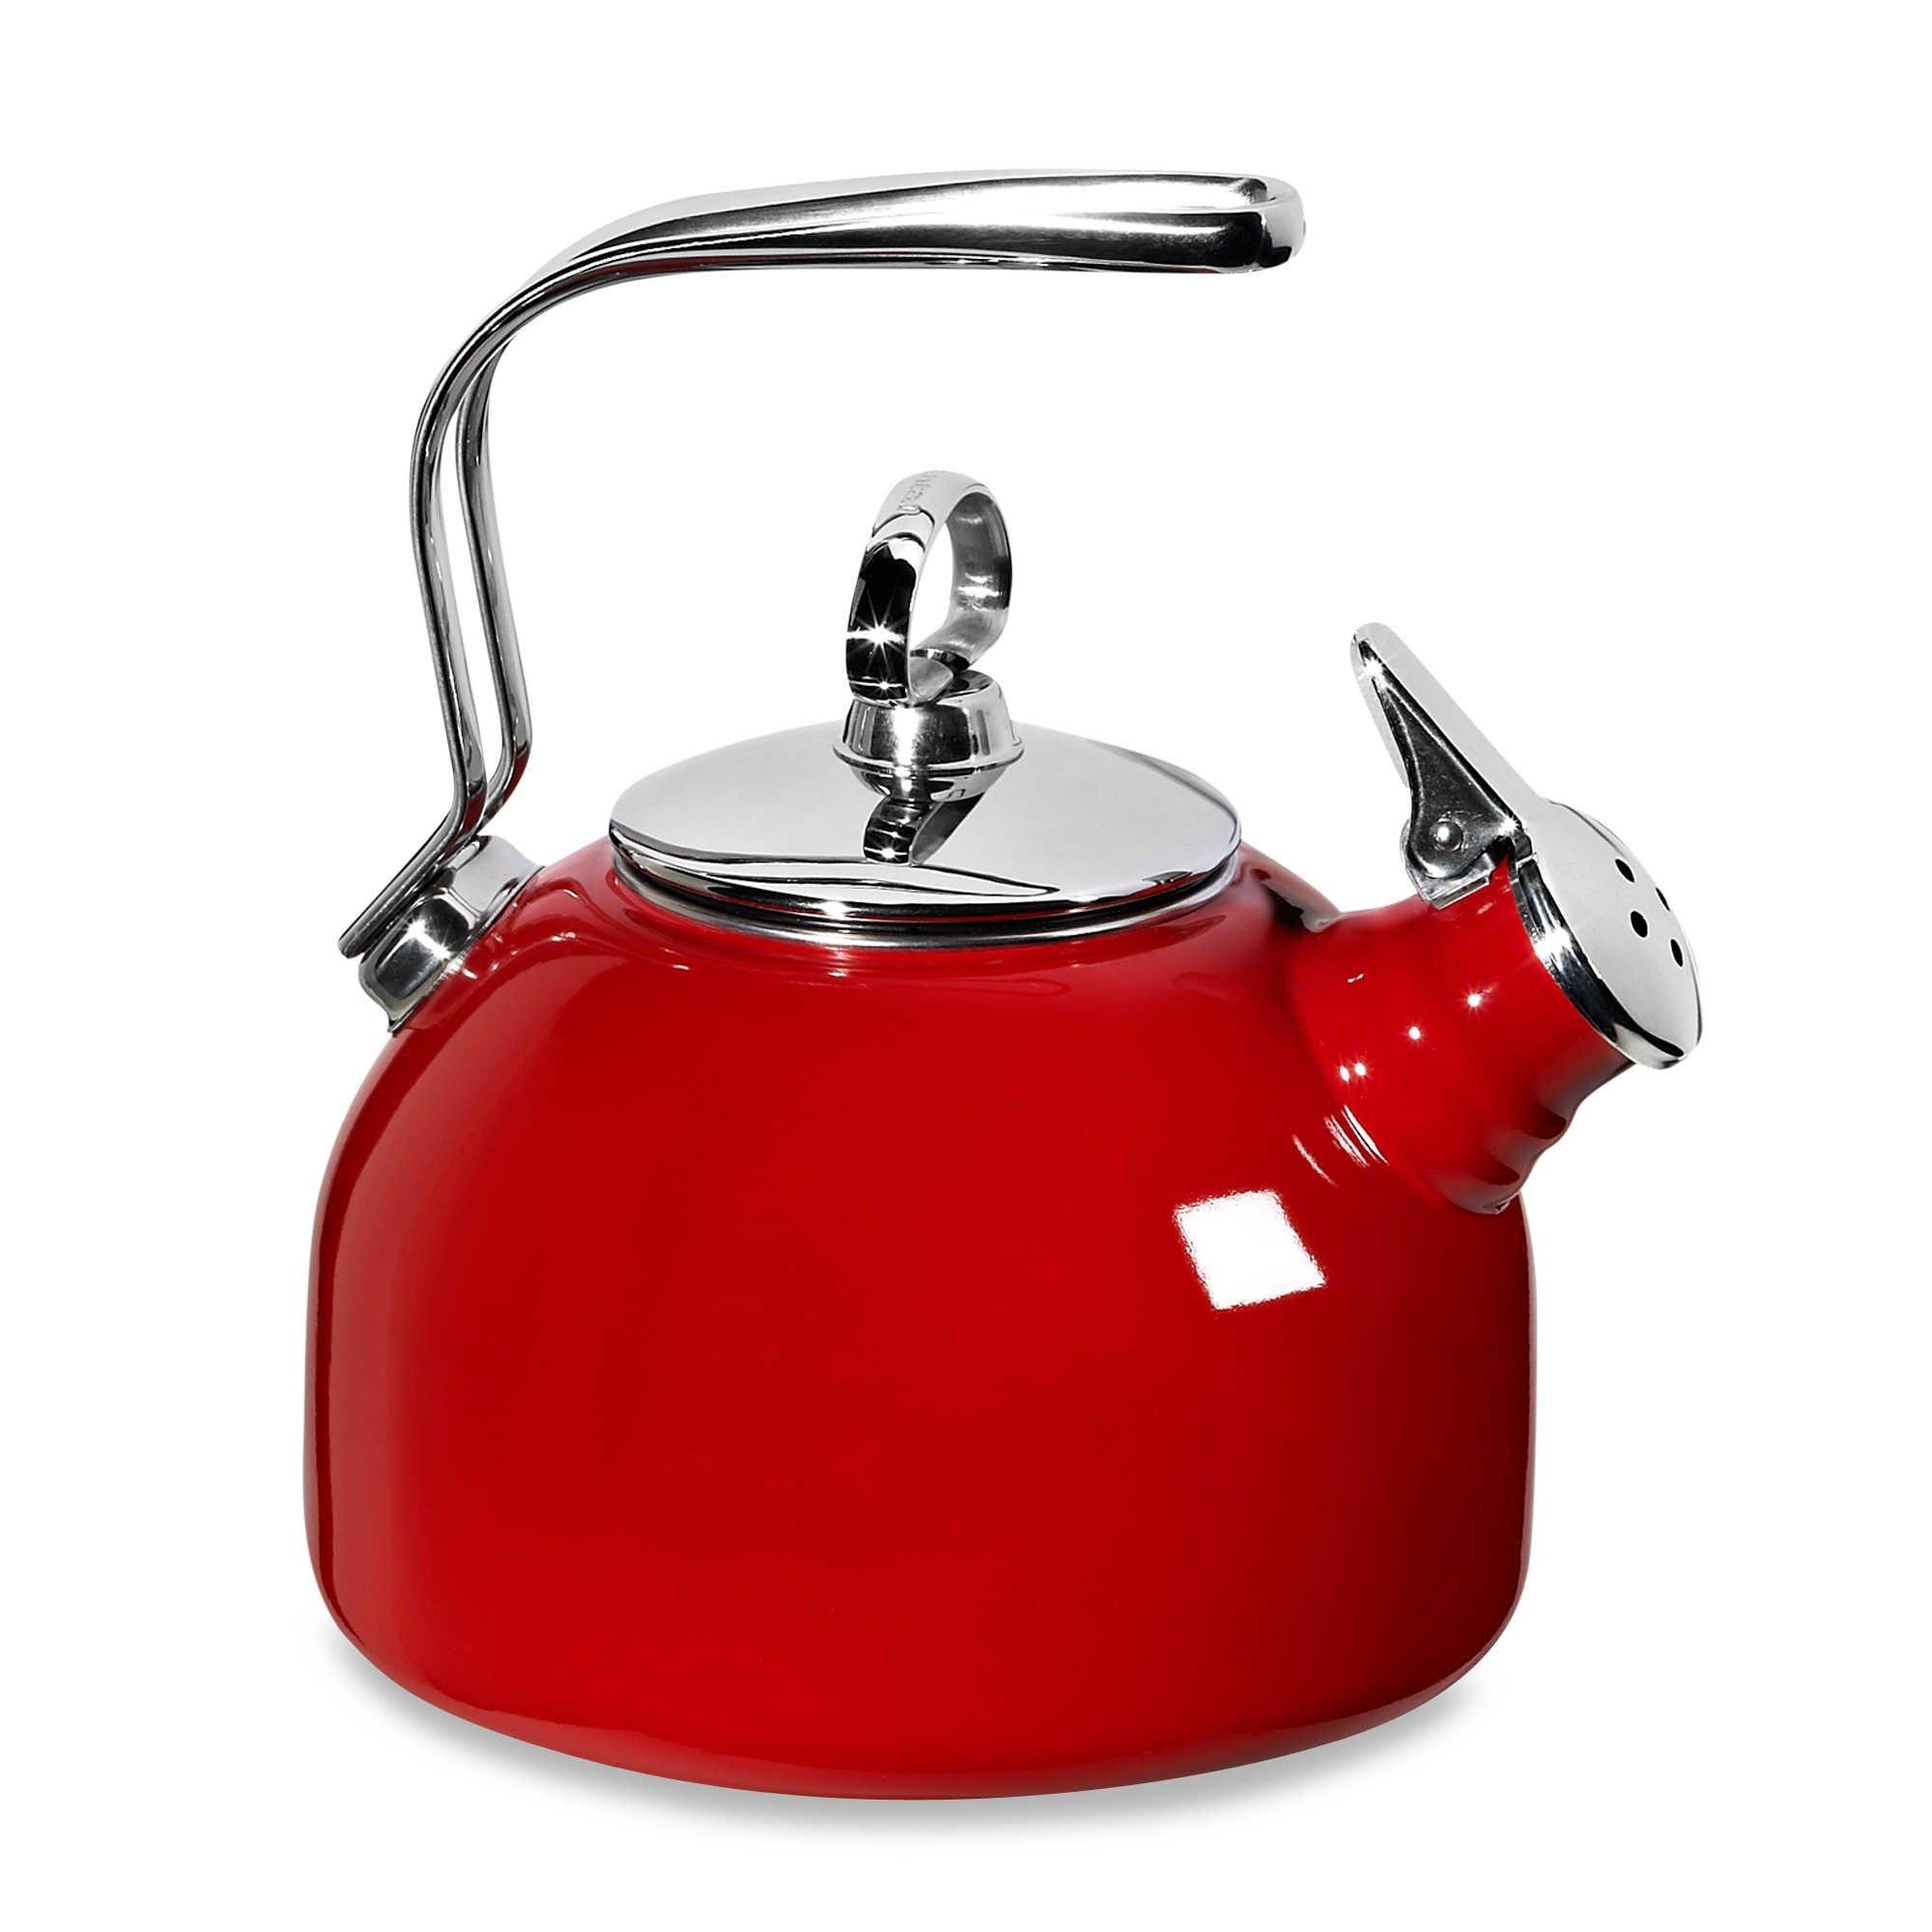 Chantal Enamel Steel Classic Tea Kettle in Red